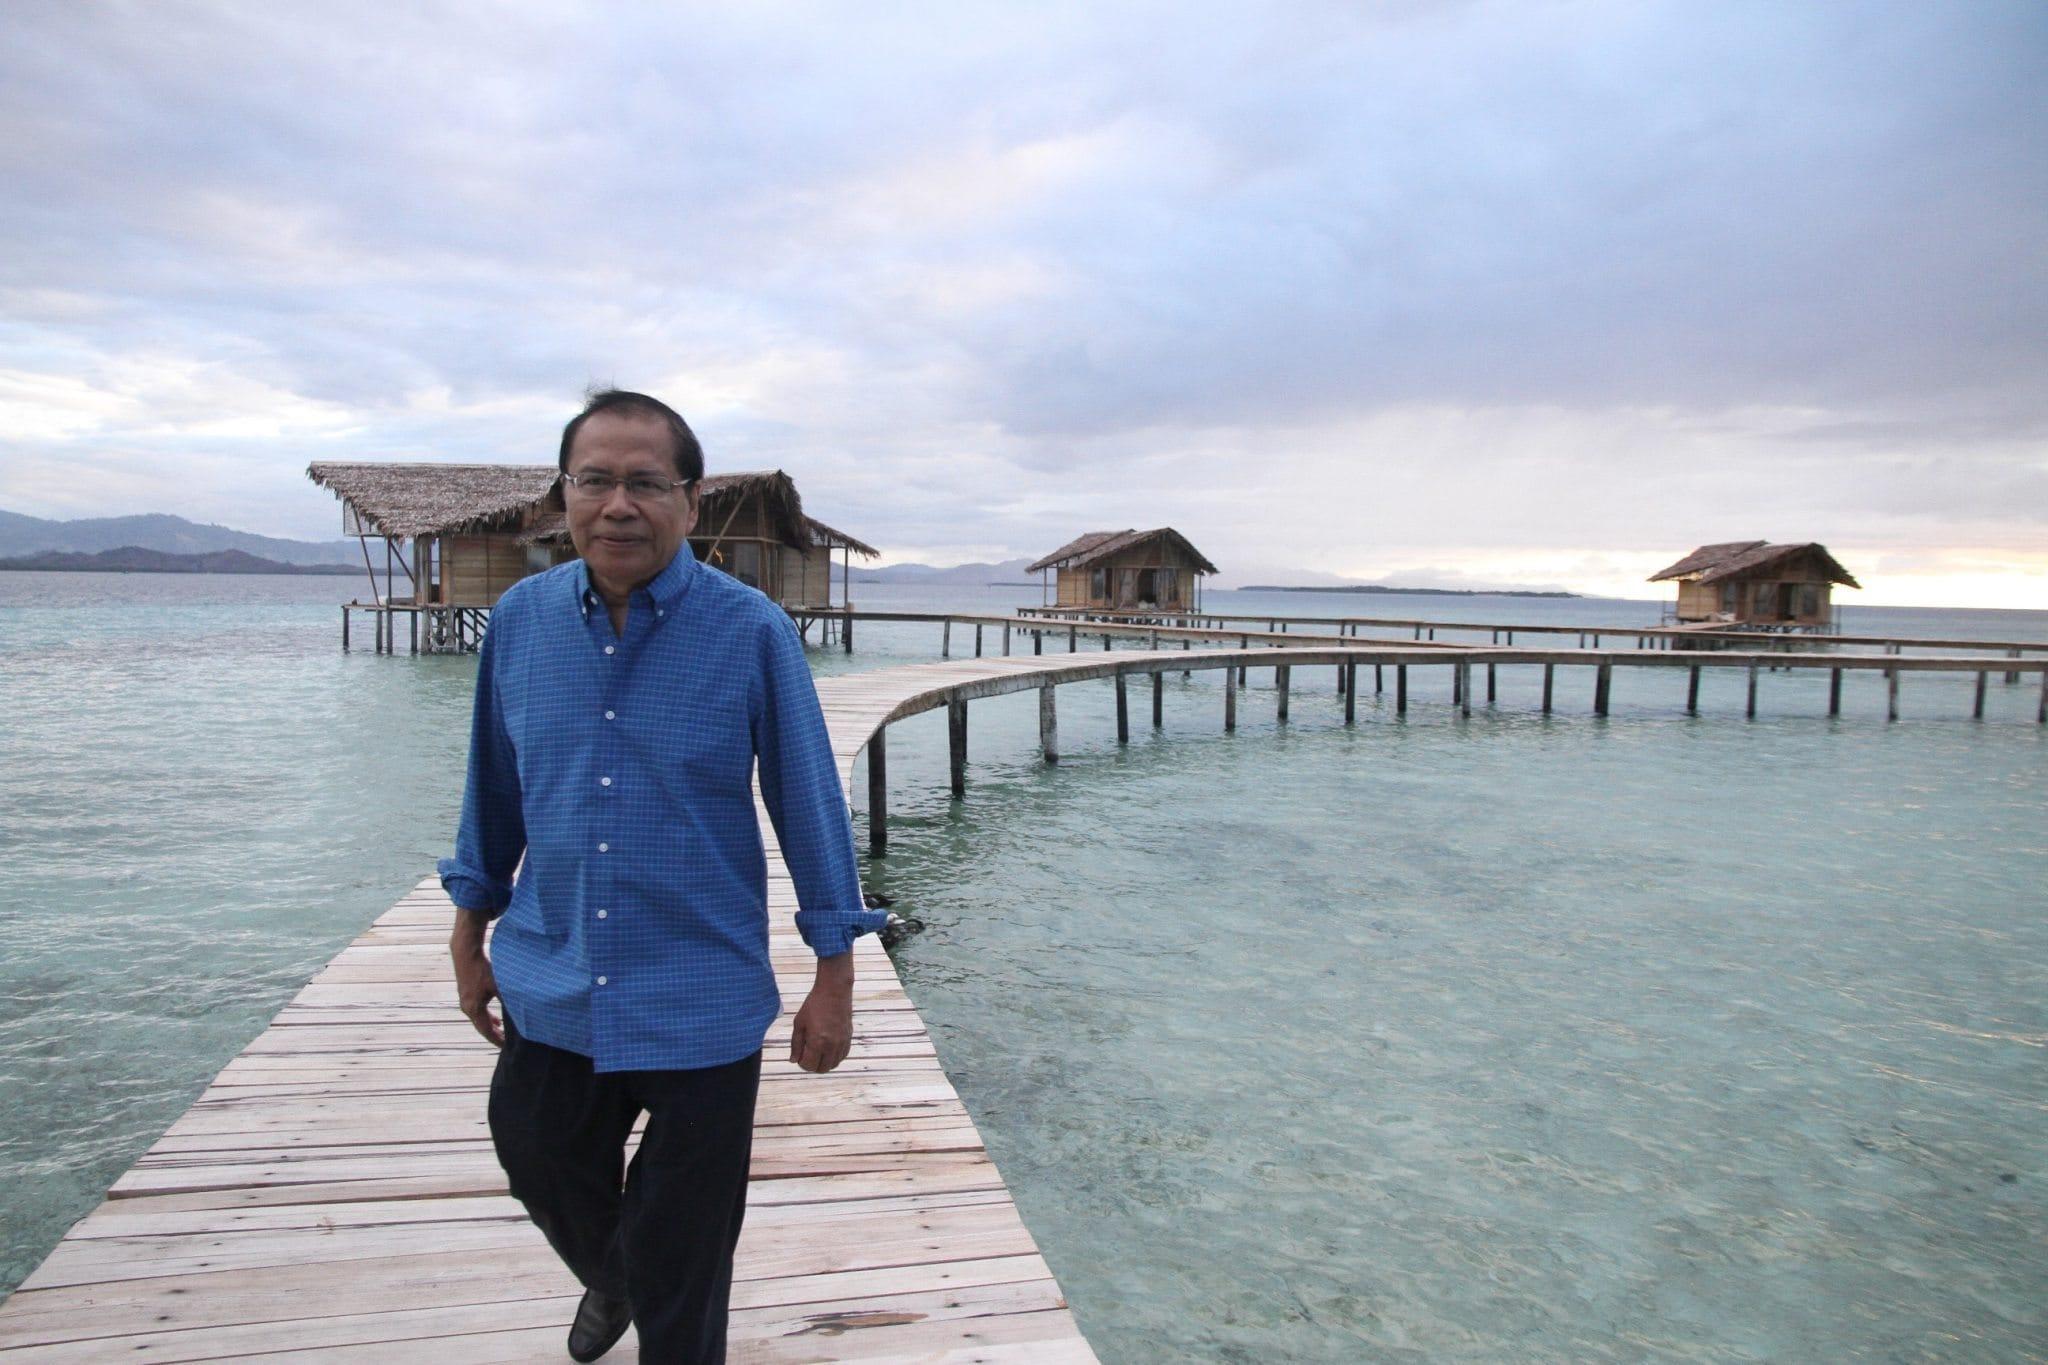 Mewujudkan Mimpi Indonesia Menjadi Poros Maritim Dunia